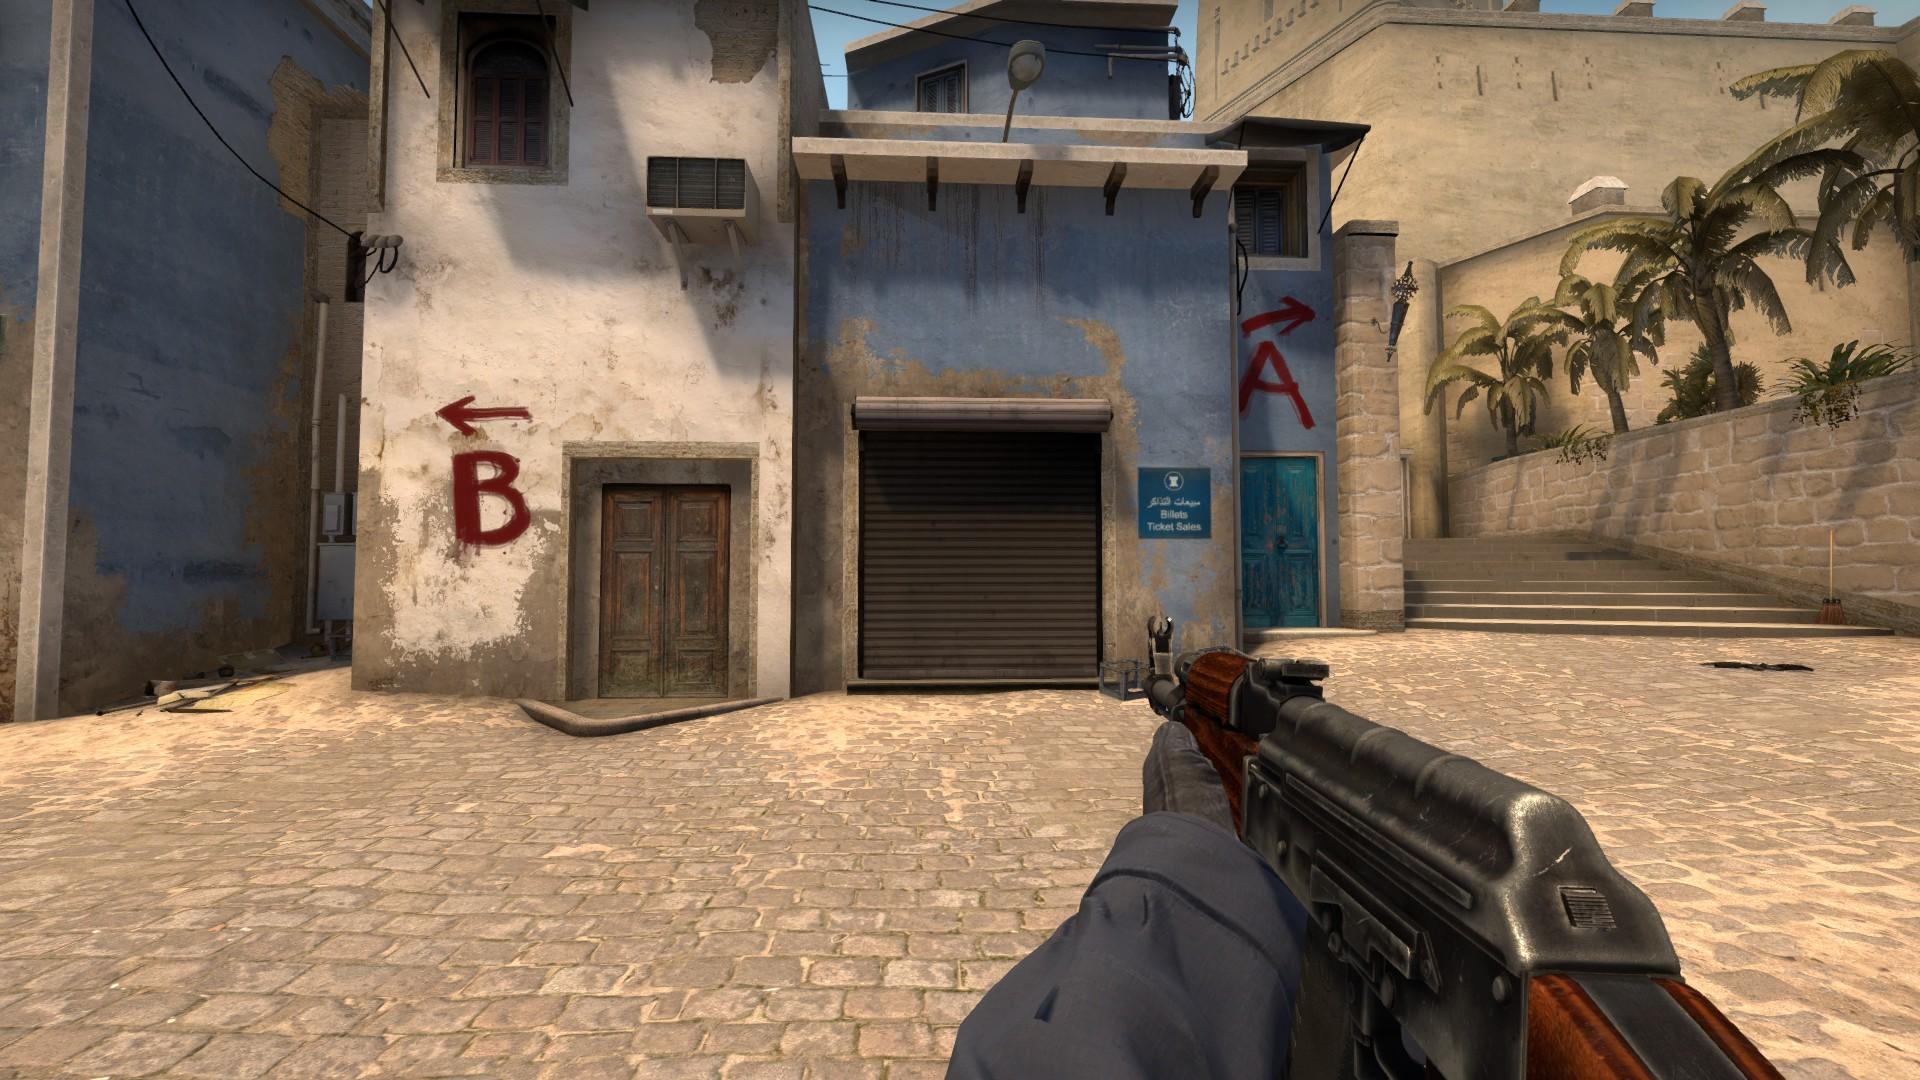 Cs go change side of gun купить ключ cs go за 15 рублей